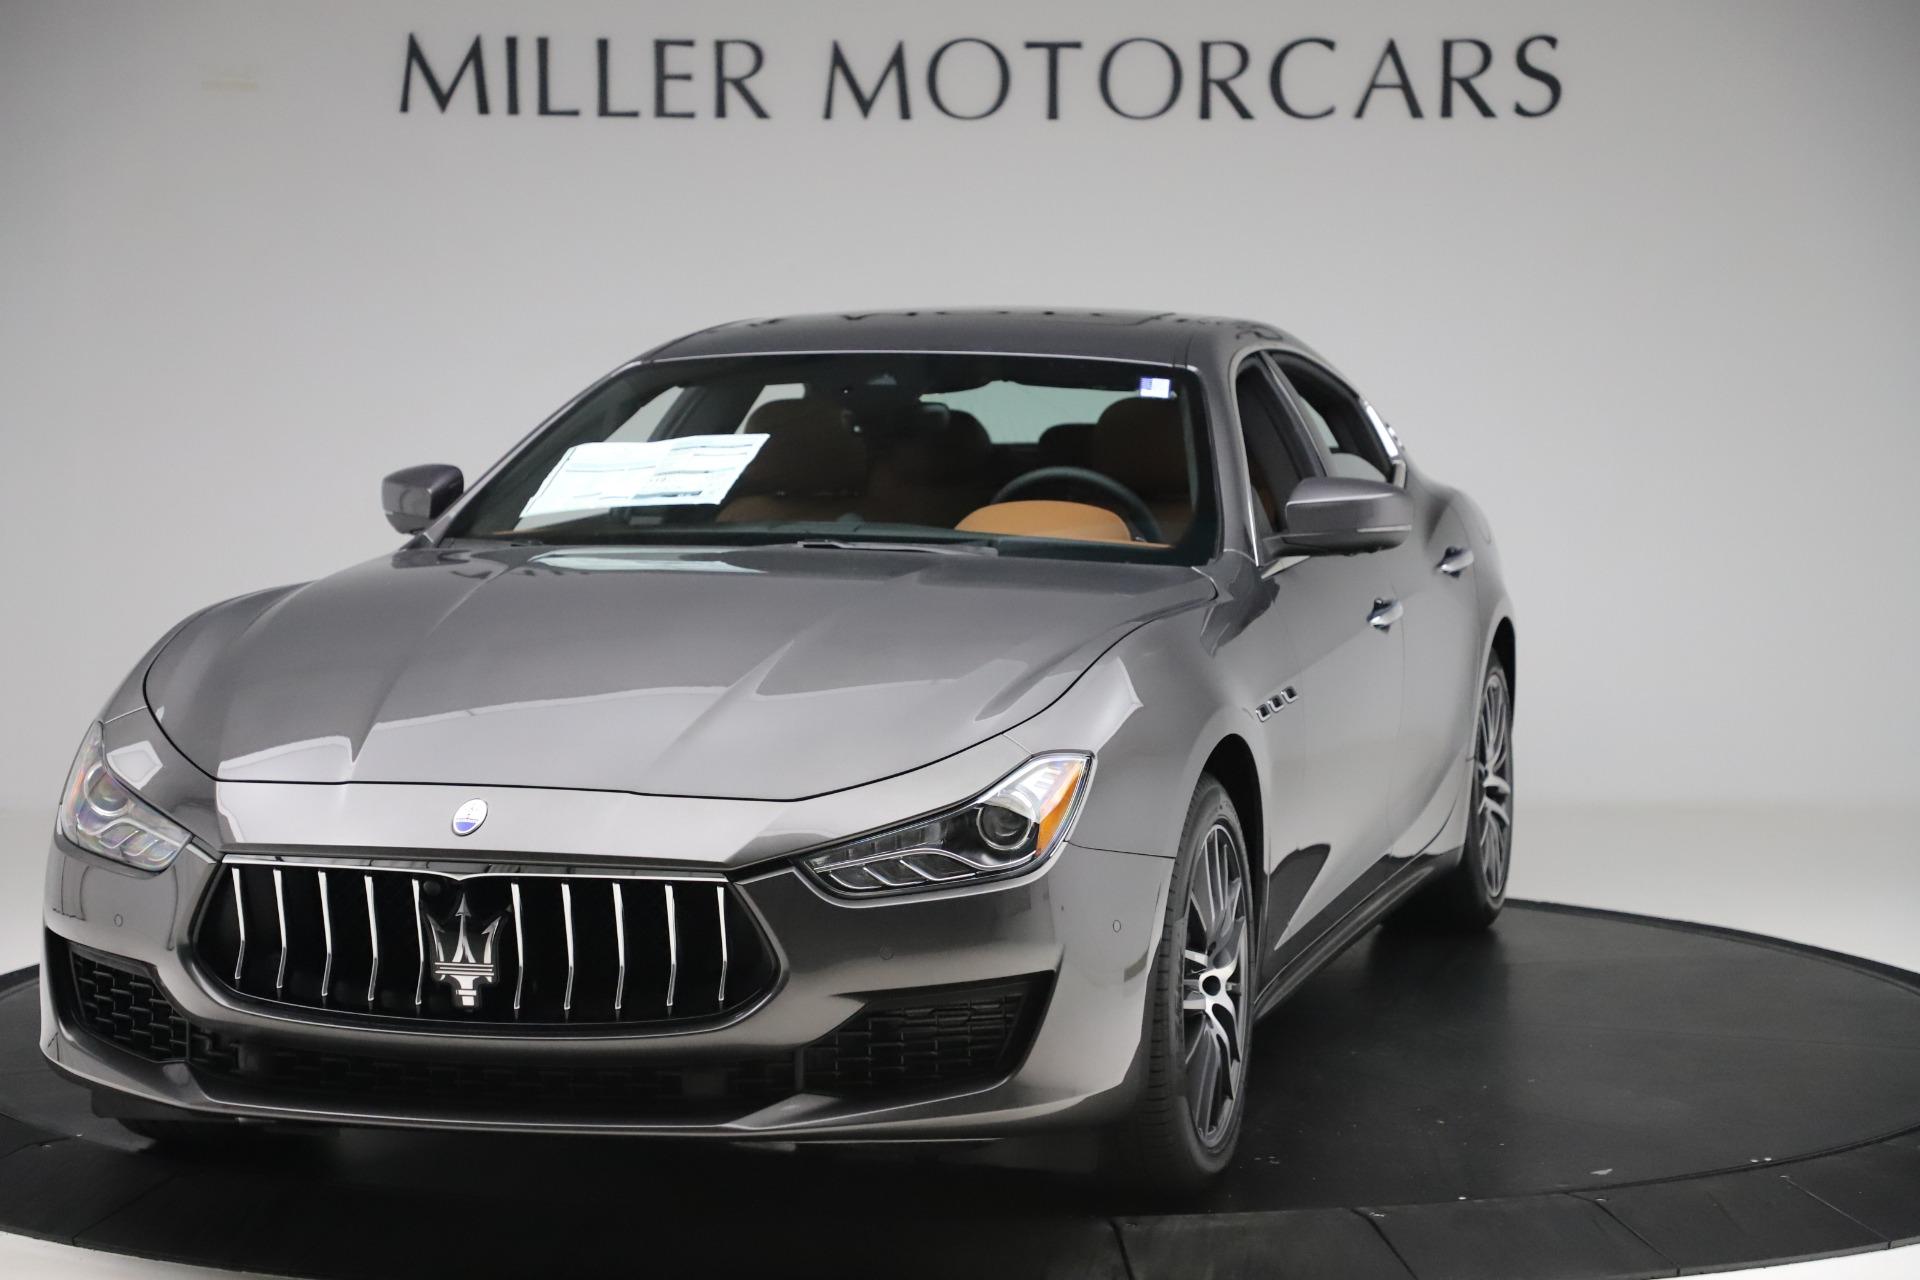 New 2020 Maserati Ghibli S Q4 for sale Sold at Bugatti of Greenwich in Greenwich CT 06830 1